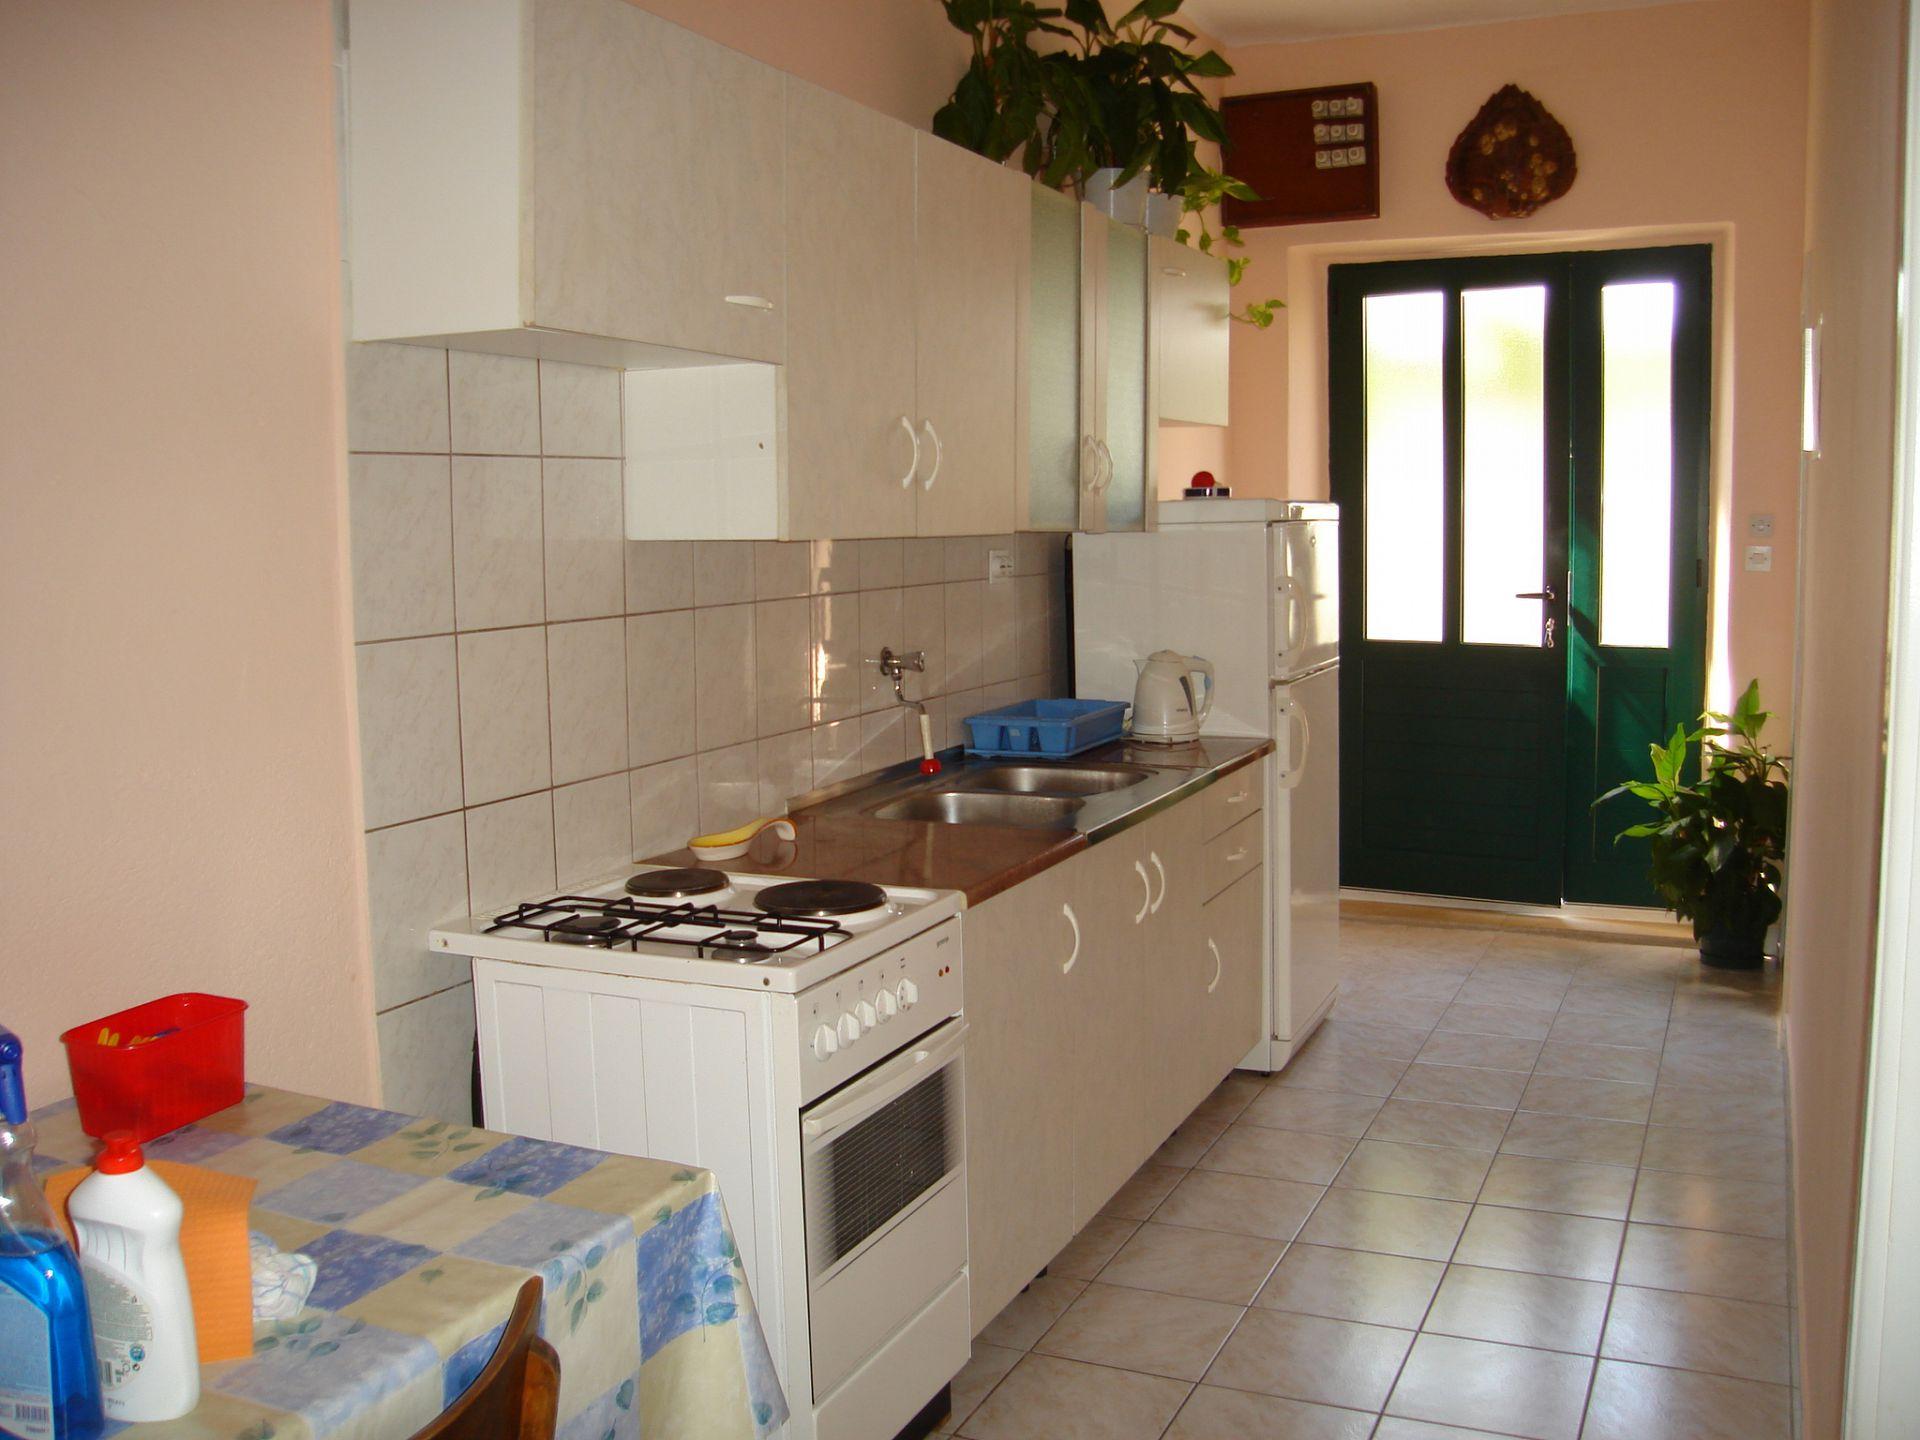 Ferienhaus Smi H1(4+1) - Sucuraj (742077), Sucuraj, Insel Hvar, Dalmatien, Kroatien, Bild 7